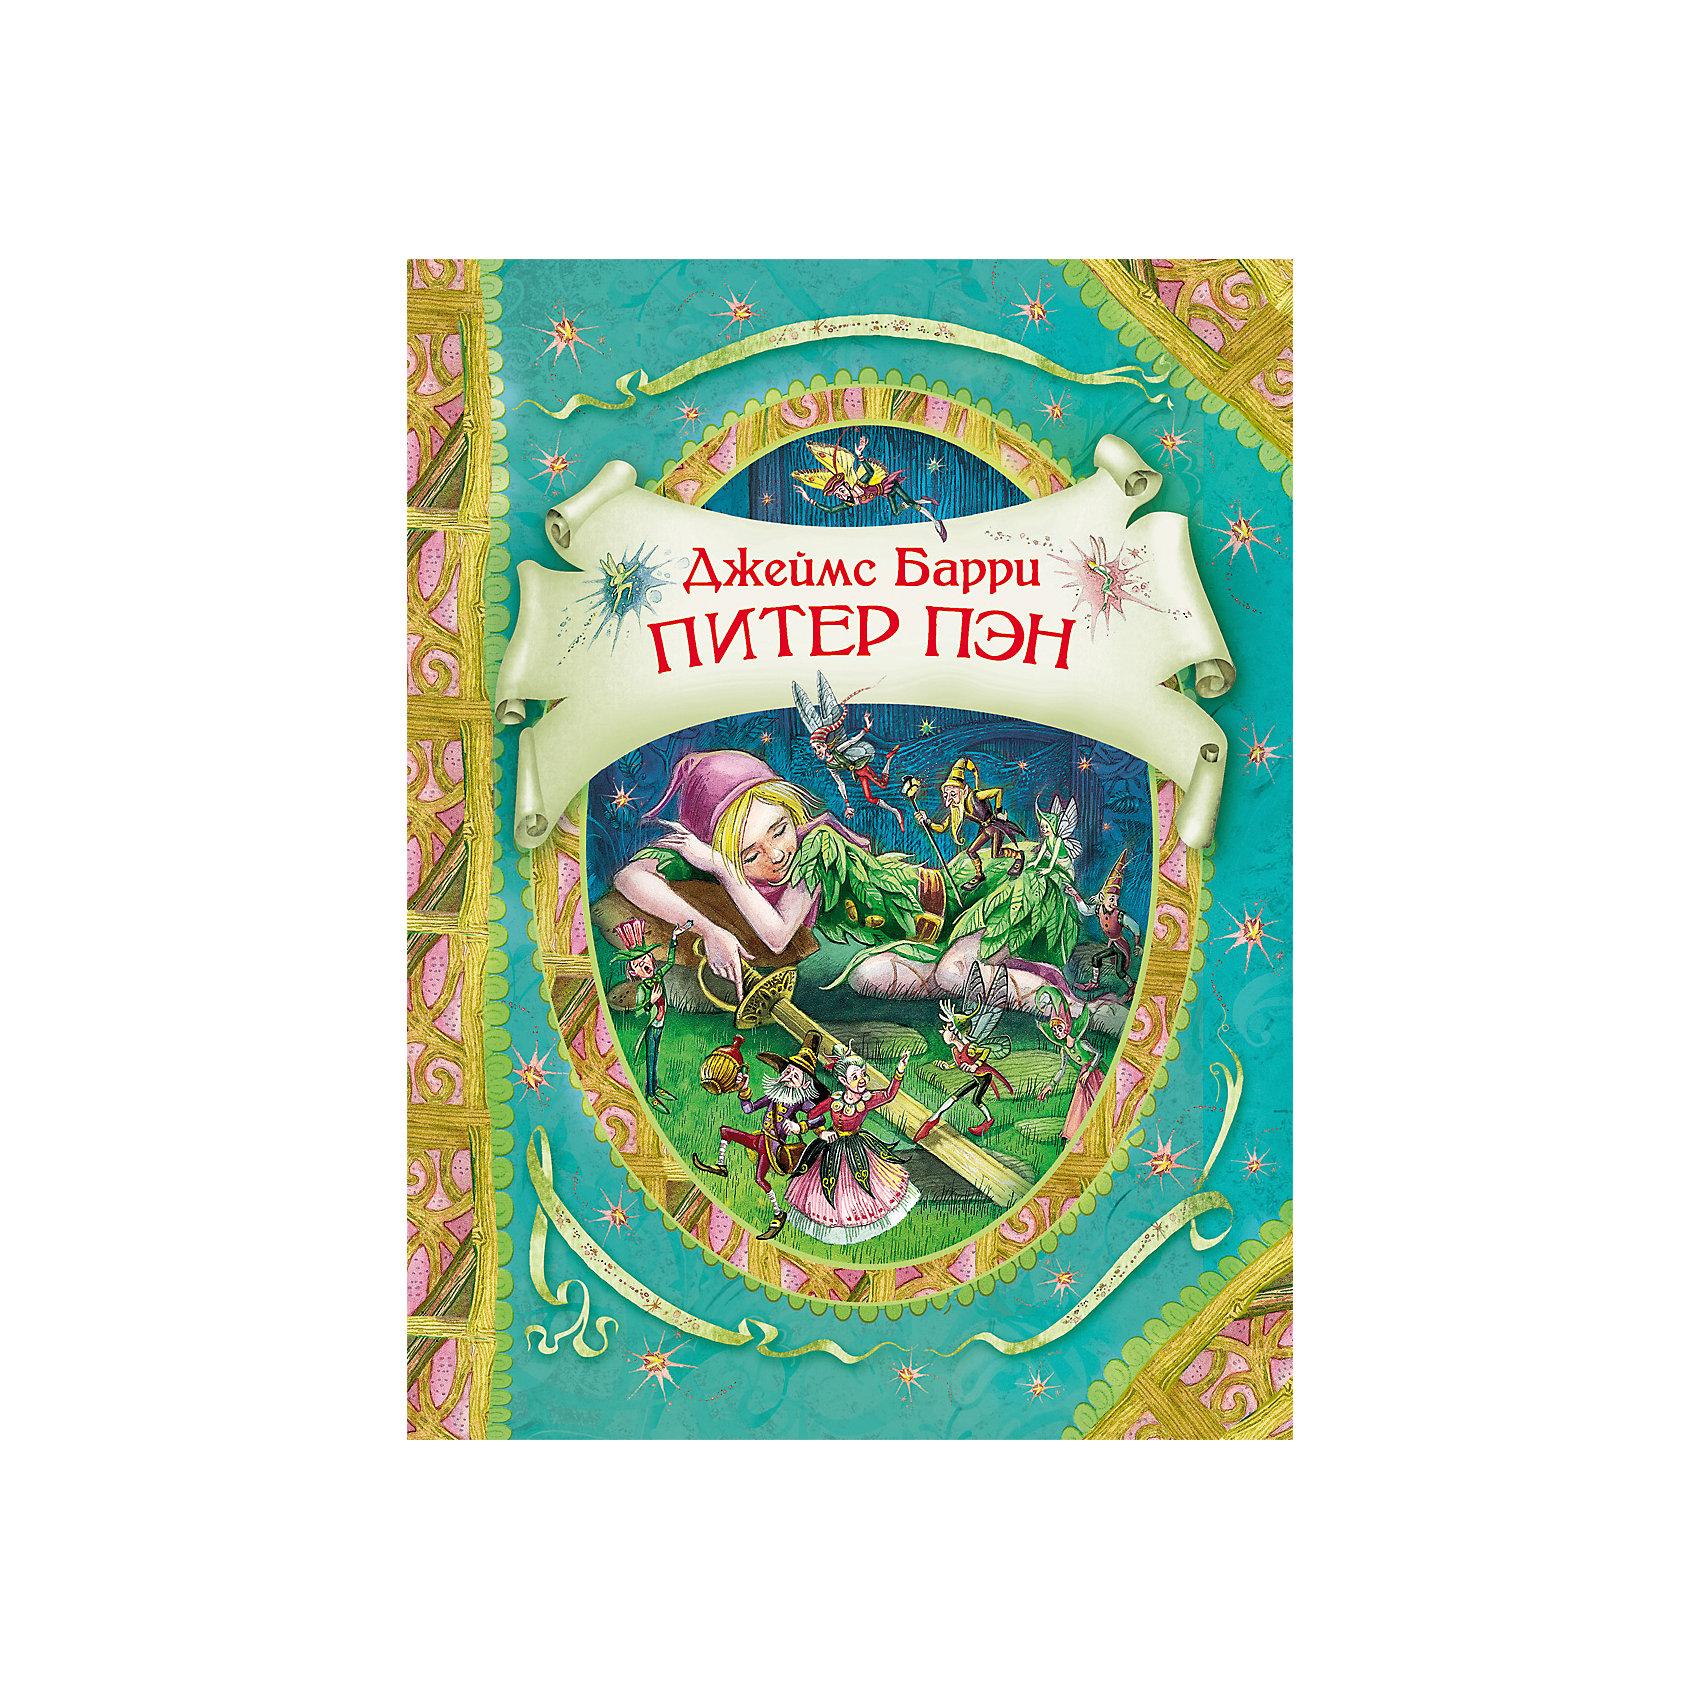 Питер Пэн, Д. БарриЗарубежные сказки<br>«Питер Пэн и Венди» – одно из лучших произведений мировой детской классики. Прежде всего, это чудесная сказка о необычном, умеющем летать  мальчике Питере Пэне, который не хочет взрослеть и всегда остается юным, озорным и беззаботным, и девочке Венди, которую он увлекает за собой на остров Нигде навстречу удивительным приключениям. Но, несмотря на сказочность, произведение заставляет серьезно задуматься над тем, как важно уметь ценить то, что имеешь, дорожить привязанностью близких, и так ли уж хорошо никогда не стареть? &#13;<br>Иллюстрации Максима Митрофанова, члена Союза художников. Максим – обладатель многочисленных призов и наград, в том числе приза 2012 года от авторитетного американского журнала Highlights for Children.  Работы художника находятся в музеях и частных коллекциях России и за рубежом.<br><br>Ширина мм: 265<br>Глубина мм: 205<br>Высота мм: 8<br>Вес г: 510<br>Возраст от месяцев: 60<br>Возраст до месяцев: 144<br>Пол: Унисекс<br>Возраст: Детский<br>SKU: 4782433